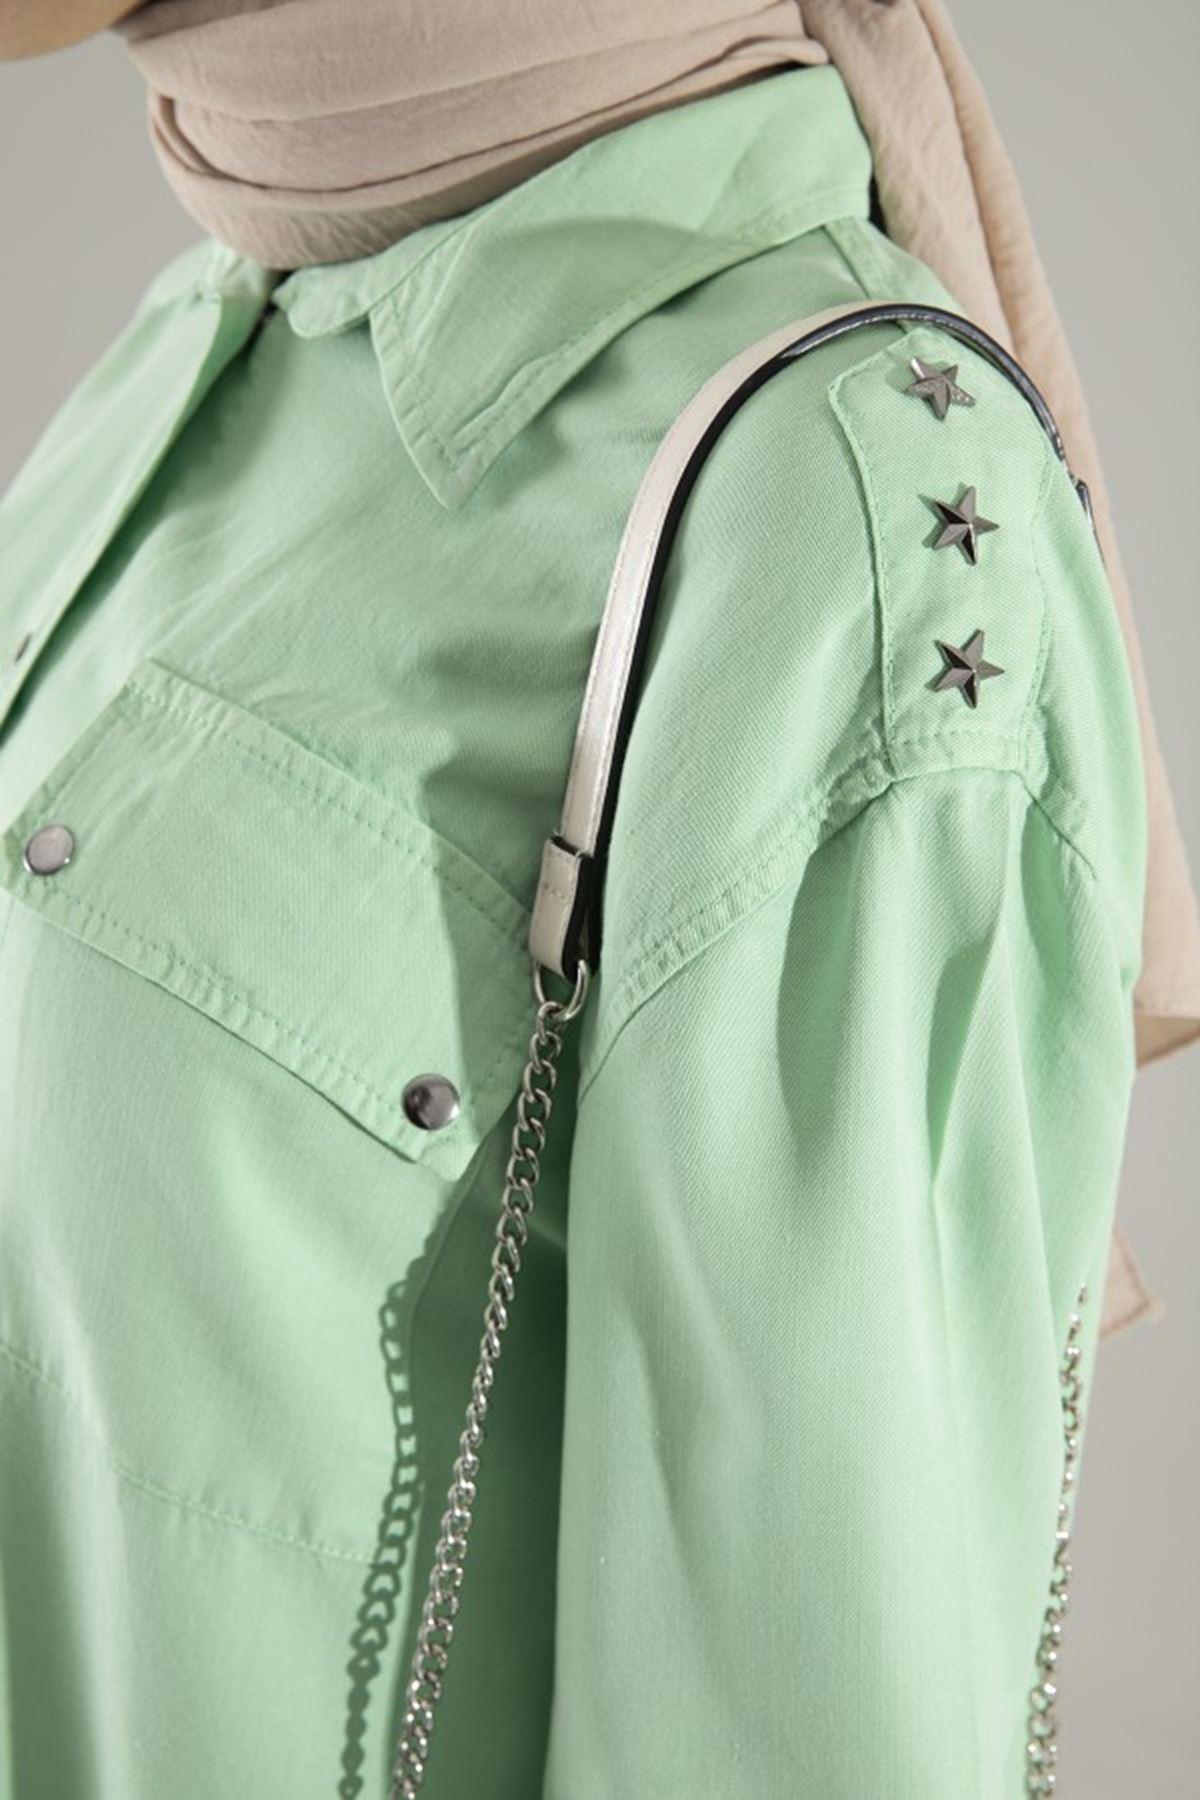 Kadın Tensel Tunik - Fıstık Yeşili